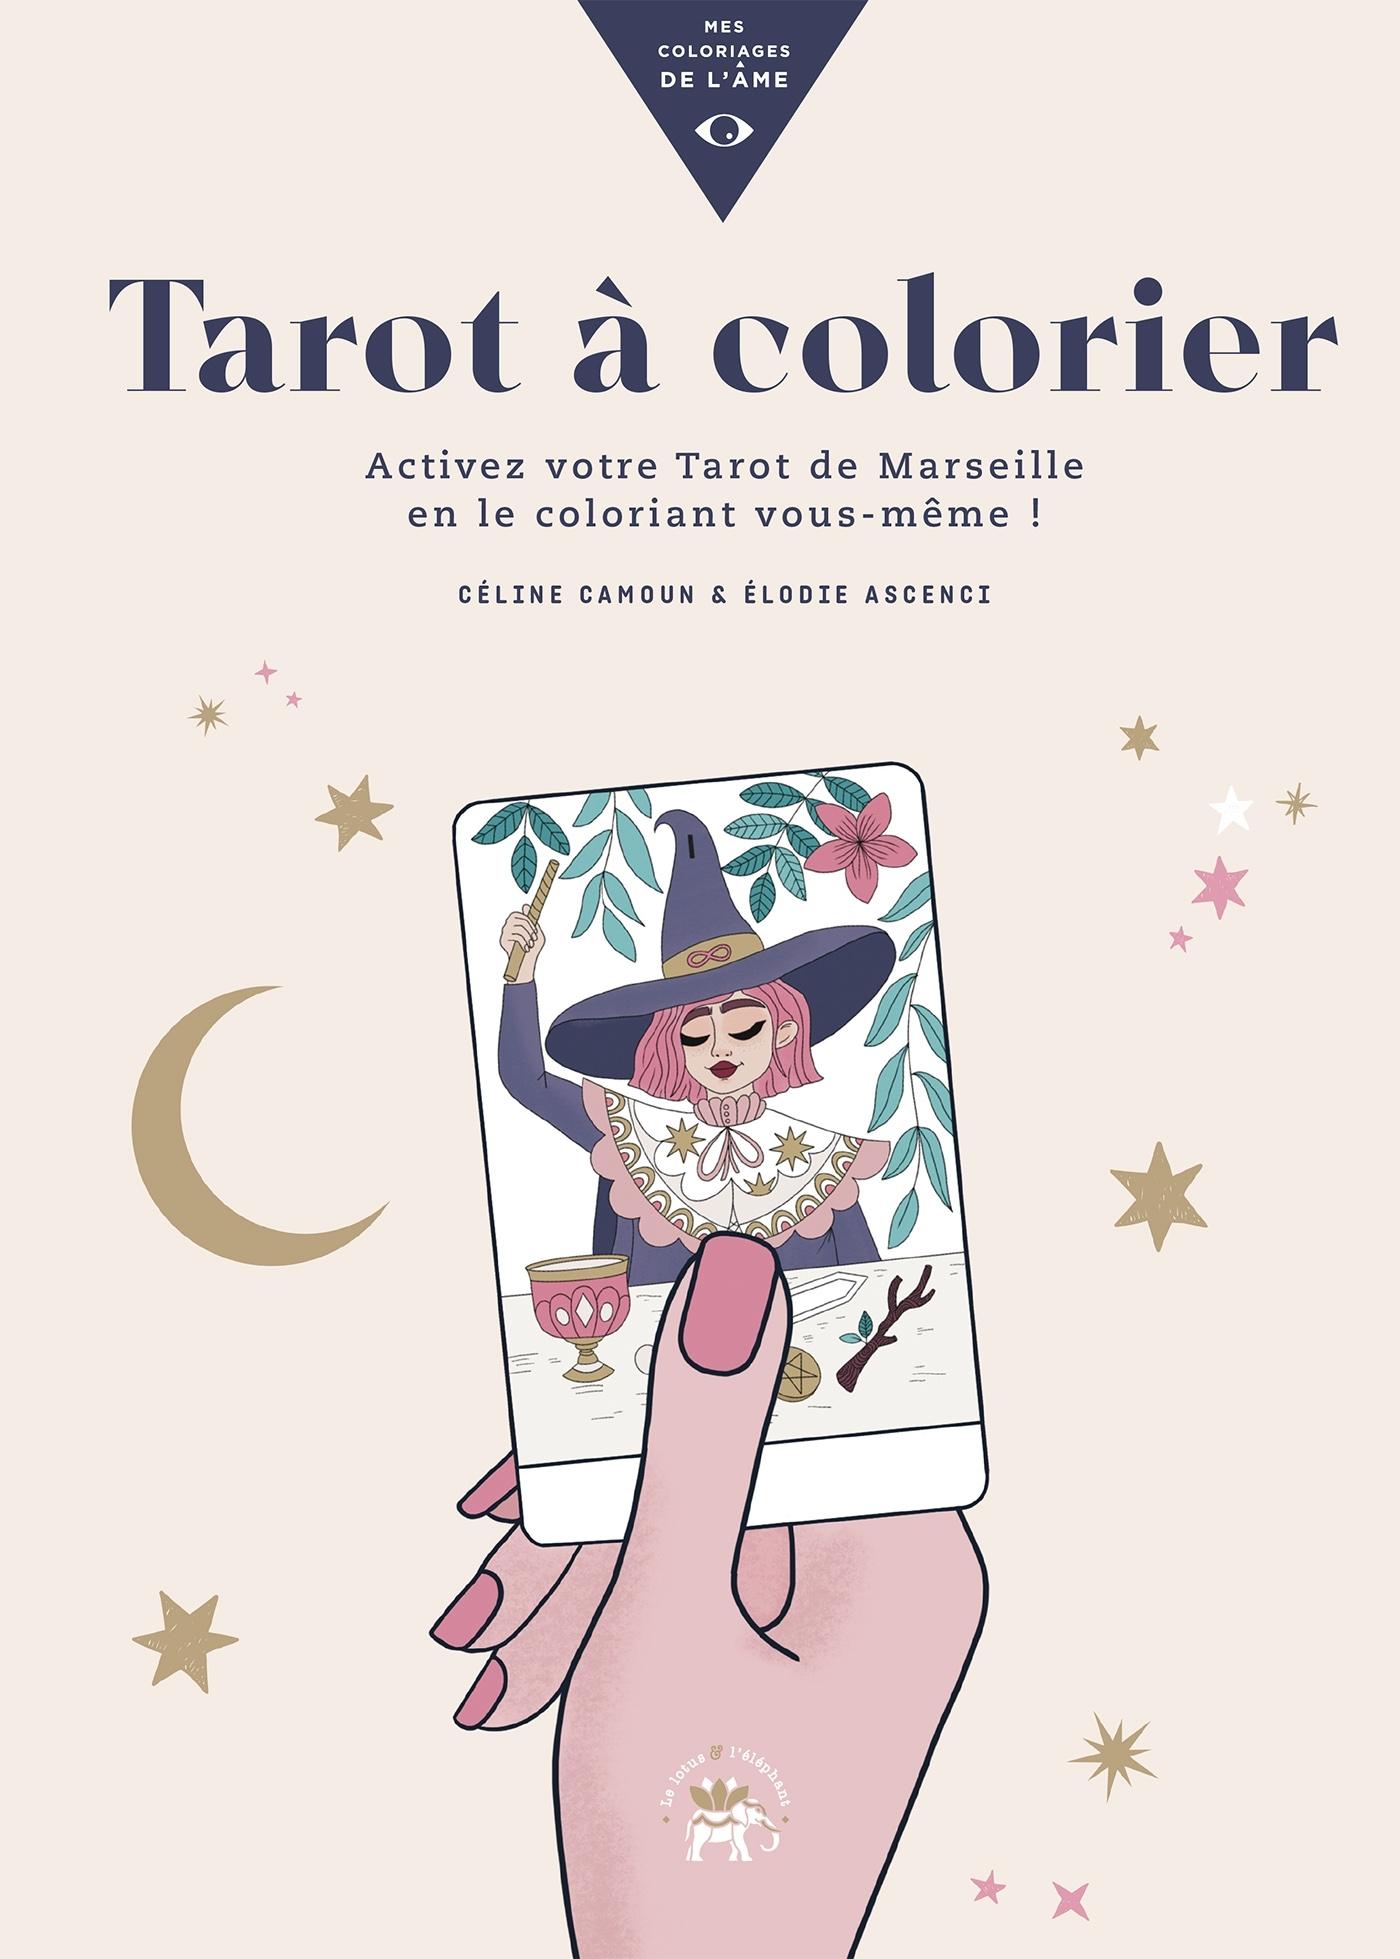 TAROT A COLORIER - ACTIVEZ VOTRE TAROT DE MARSEILLE EN LE COLORIANT VOUS-MEME !